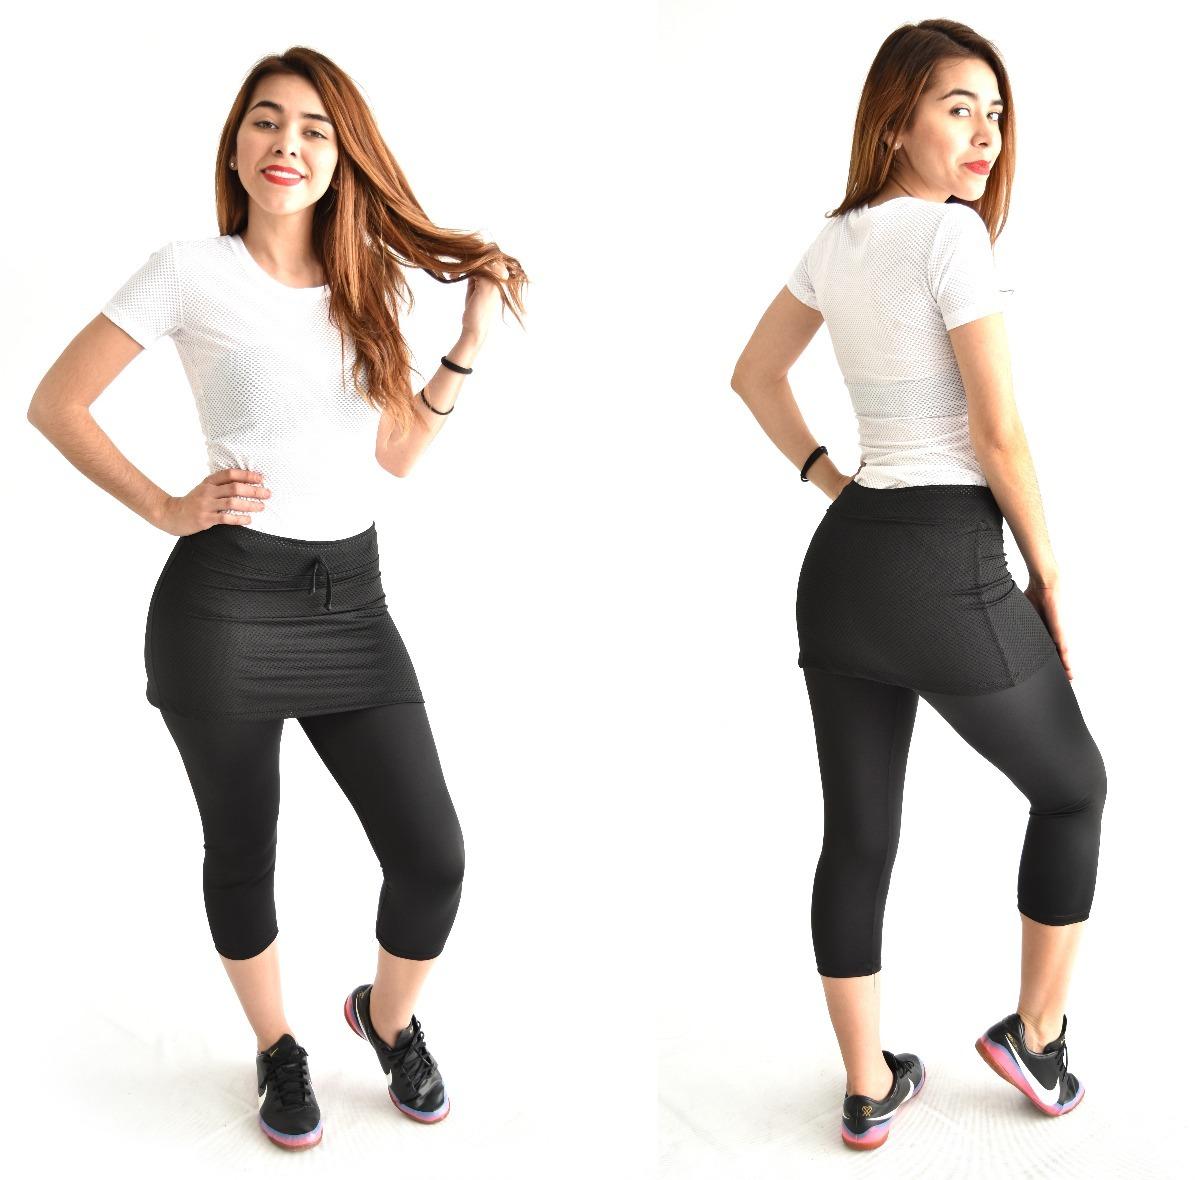 c5906d4d547d mallas deportivas ropa deportiva mujer gym licras 2019440. Cargando zoom.